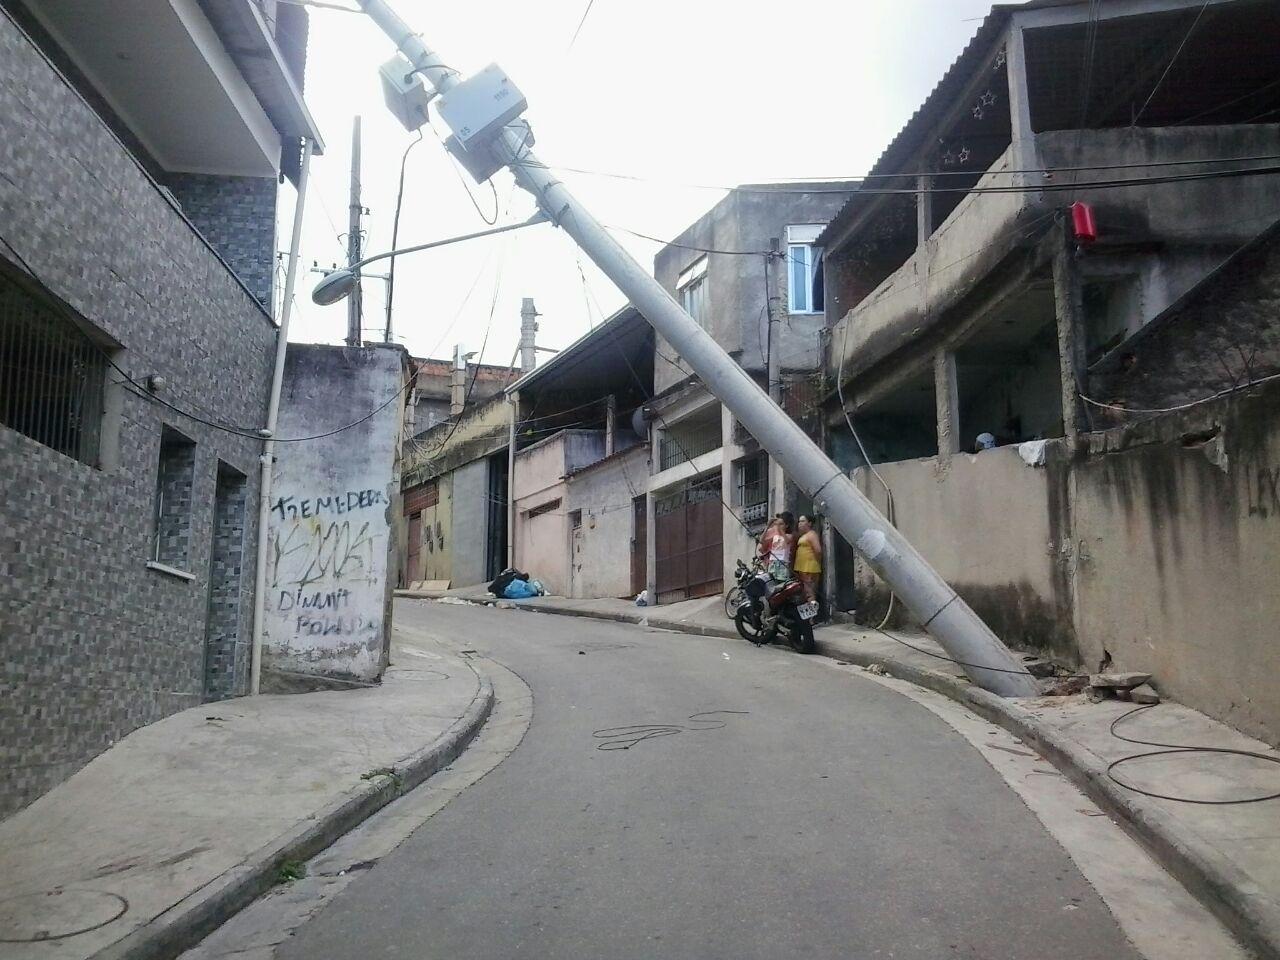 Poste novo da light cai no Complexo do Alemão e coloca moradores em risco